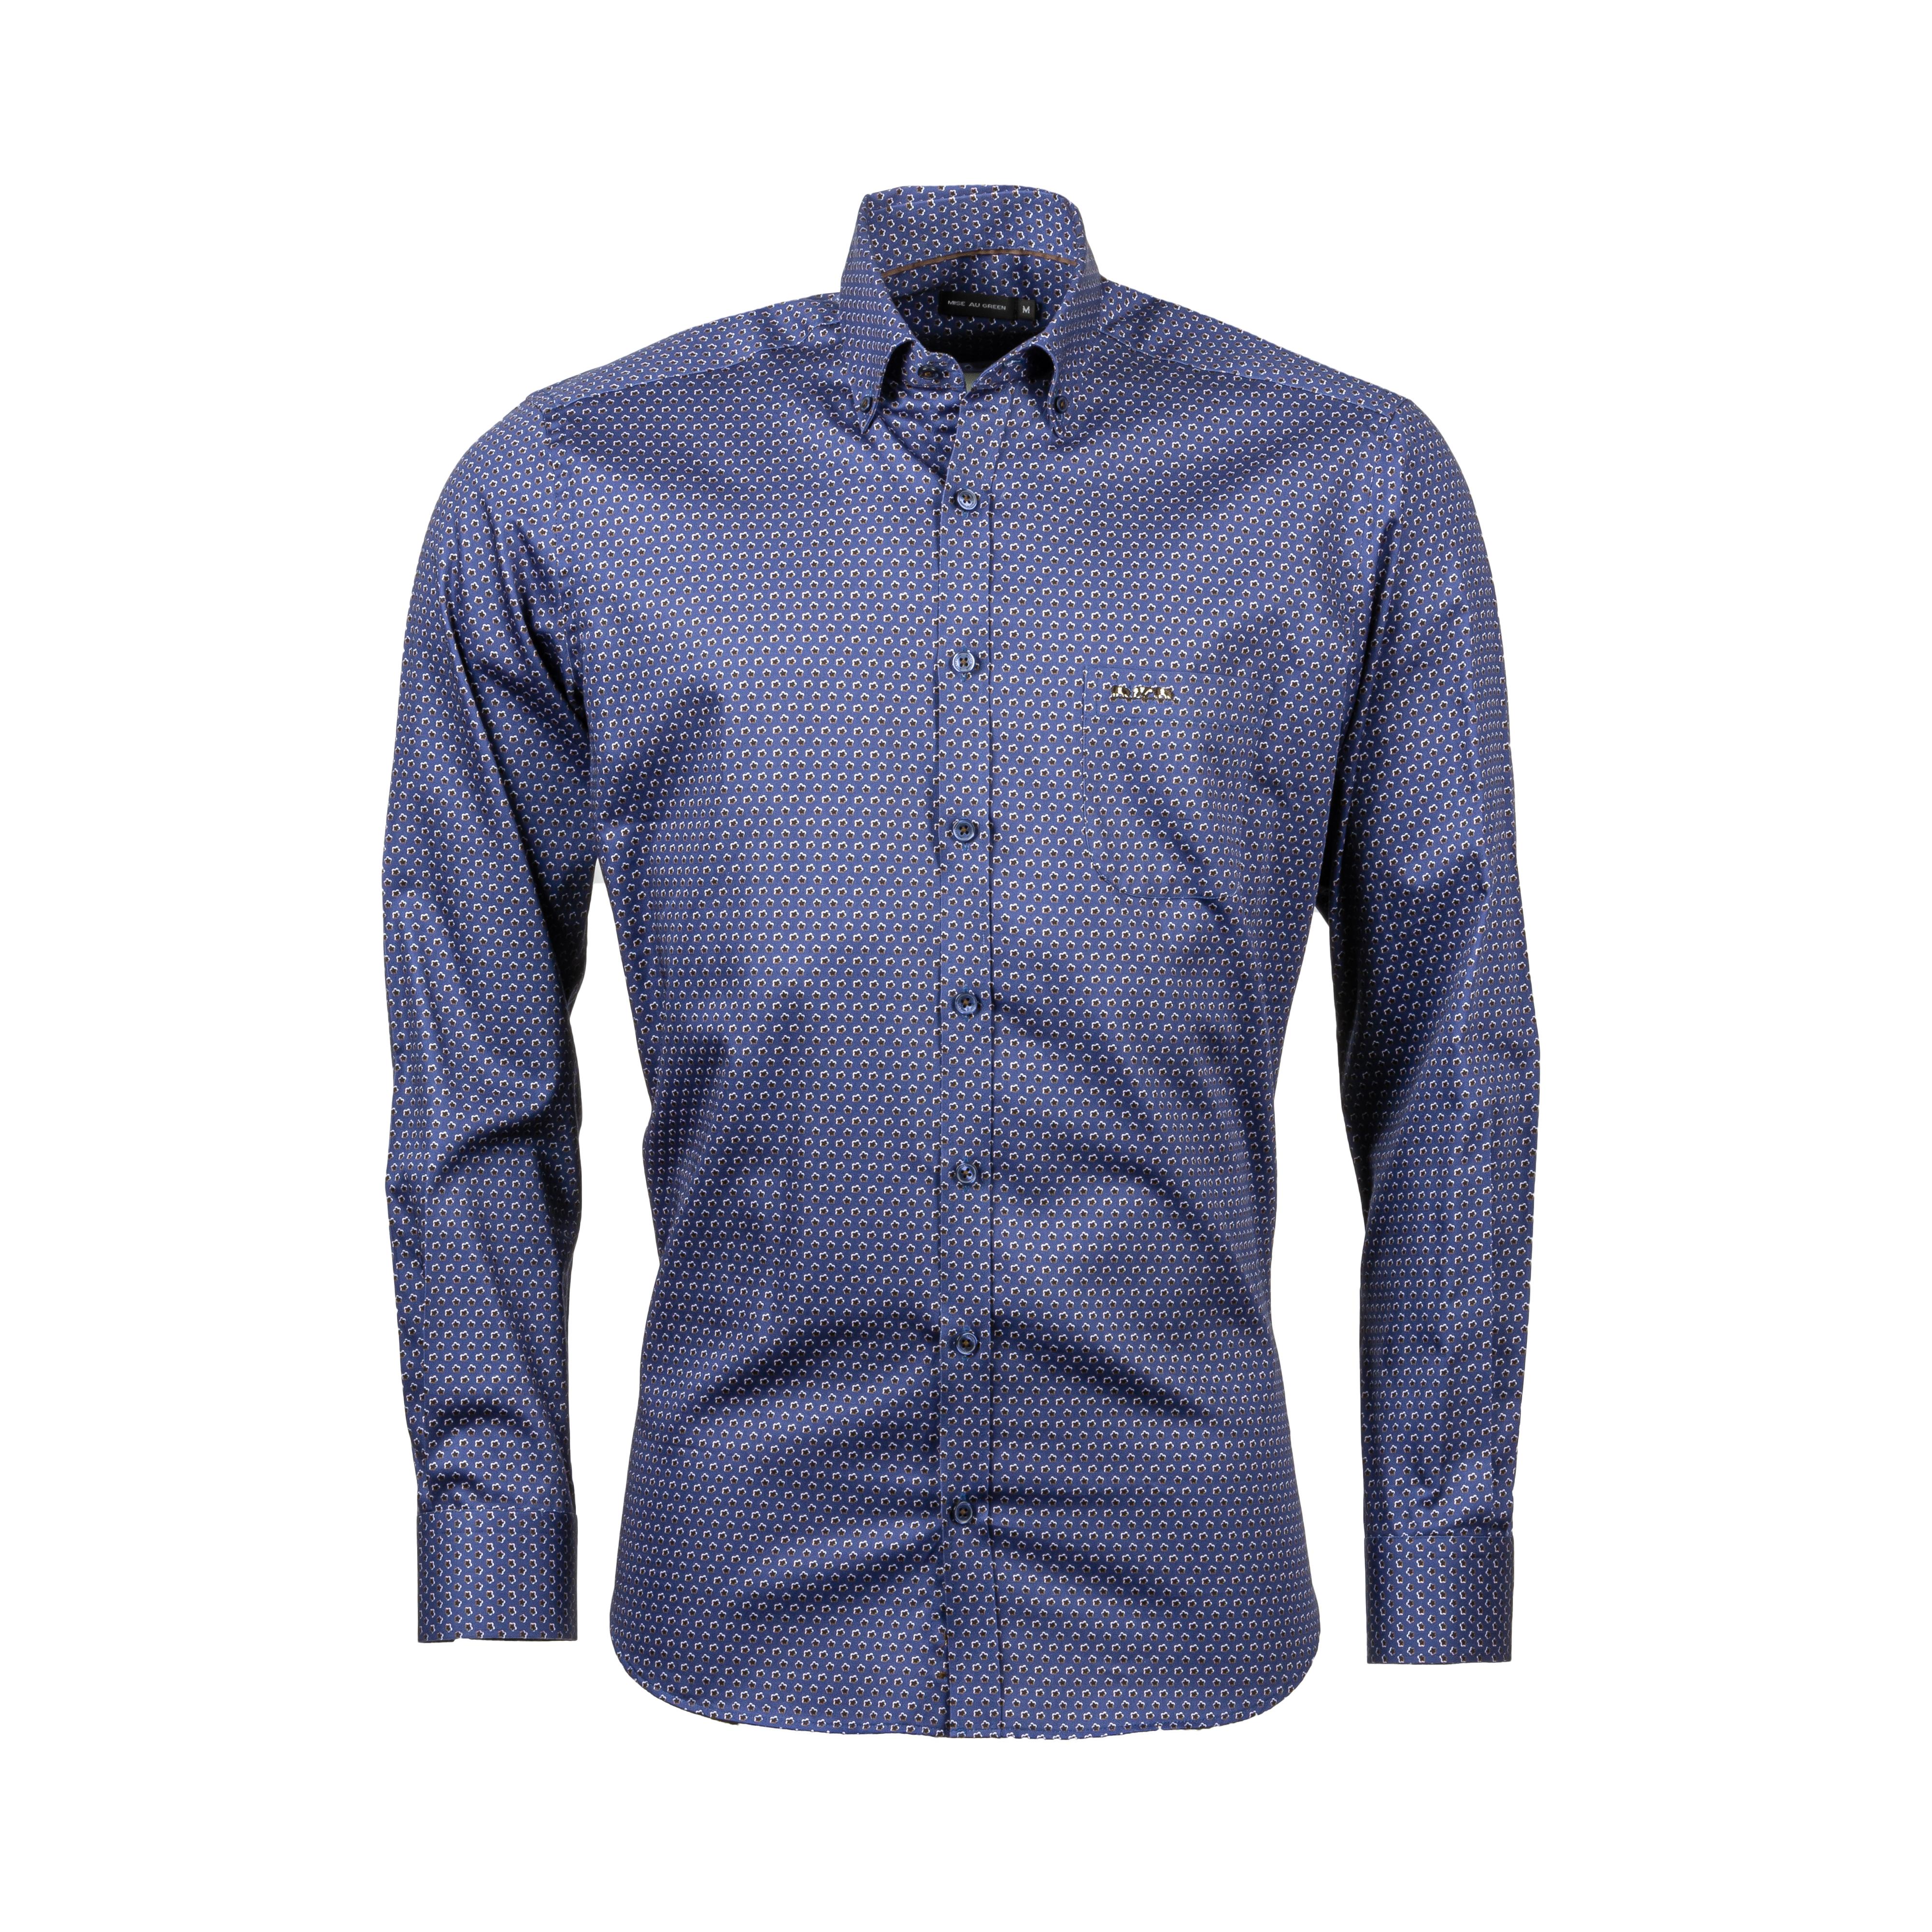 Chemise ajustée Mise au green en coton bleu marine à motifs floraux noirs et marron